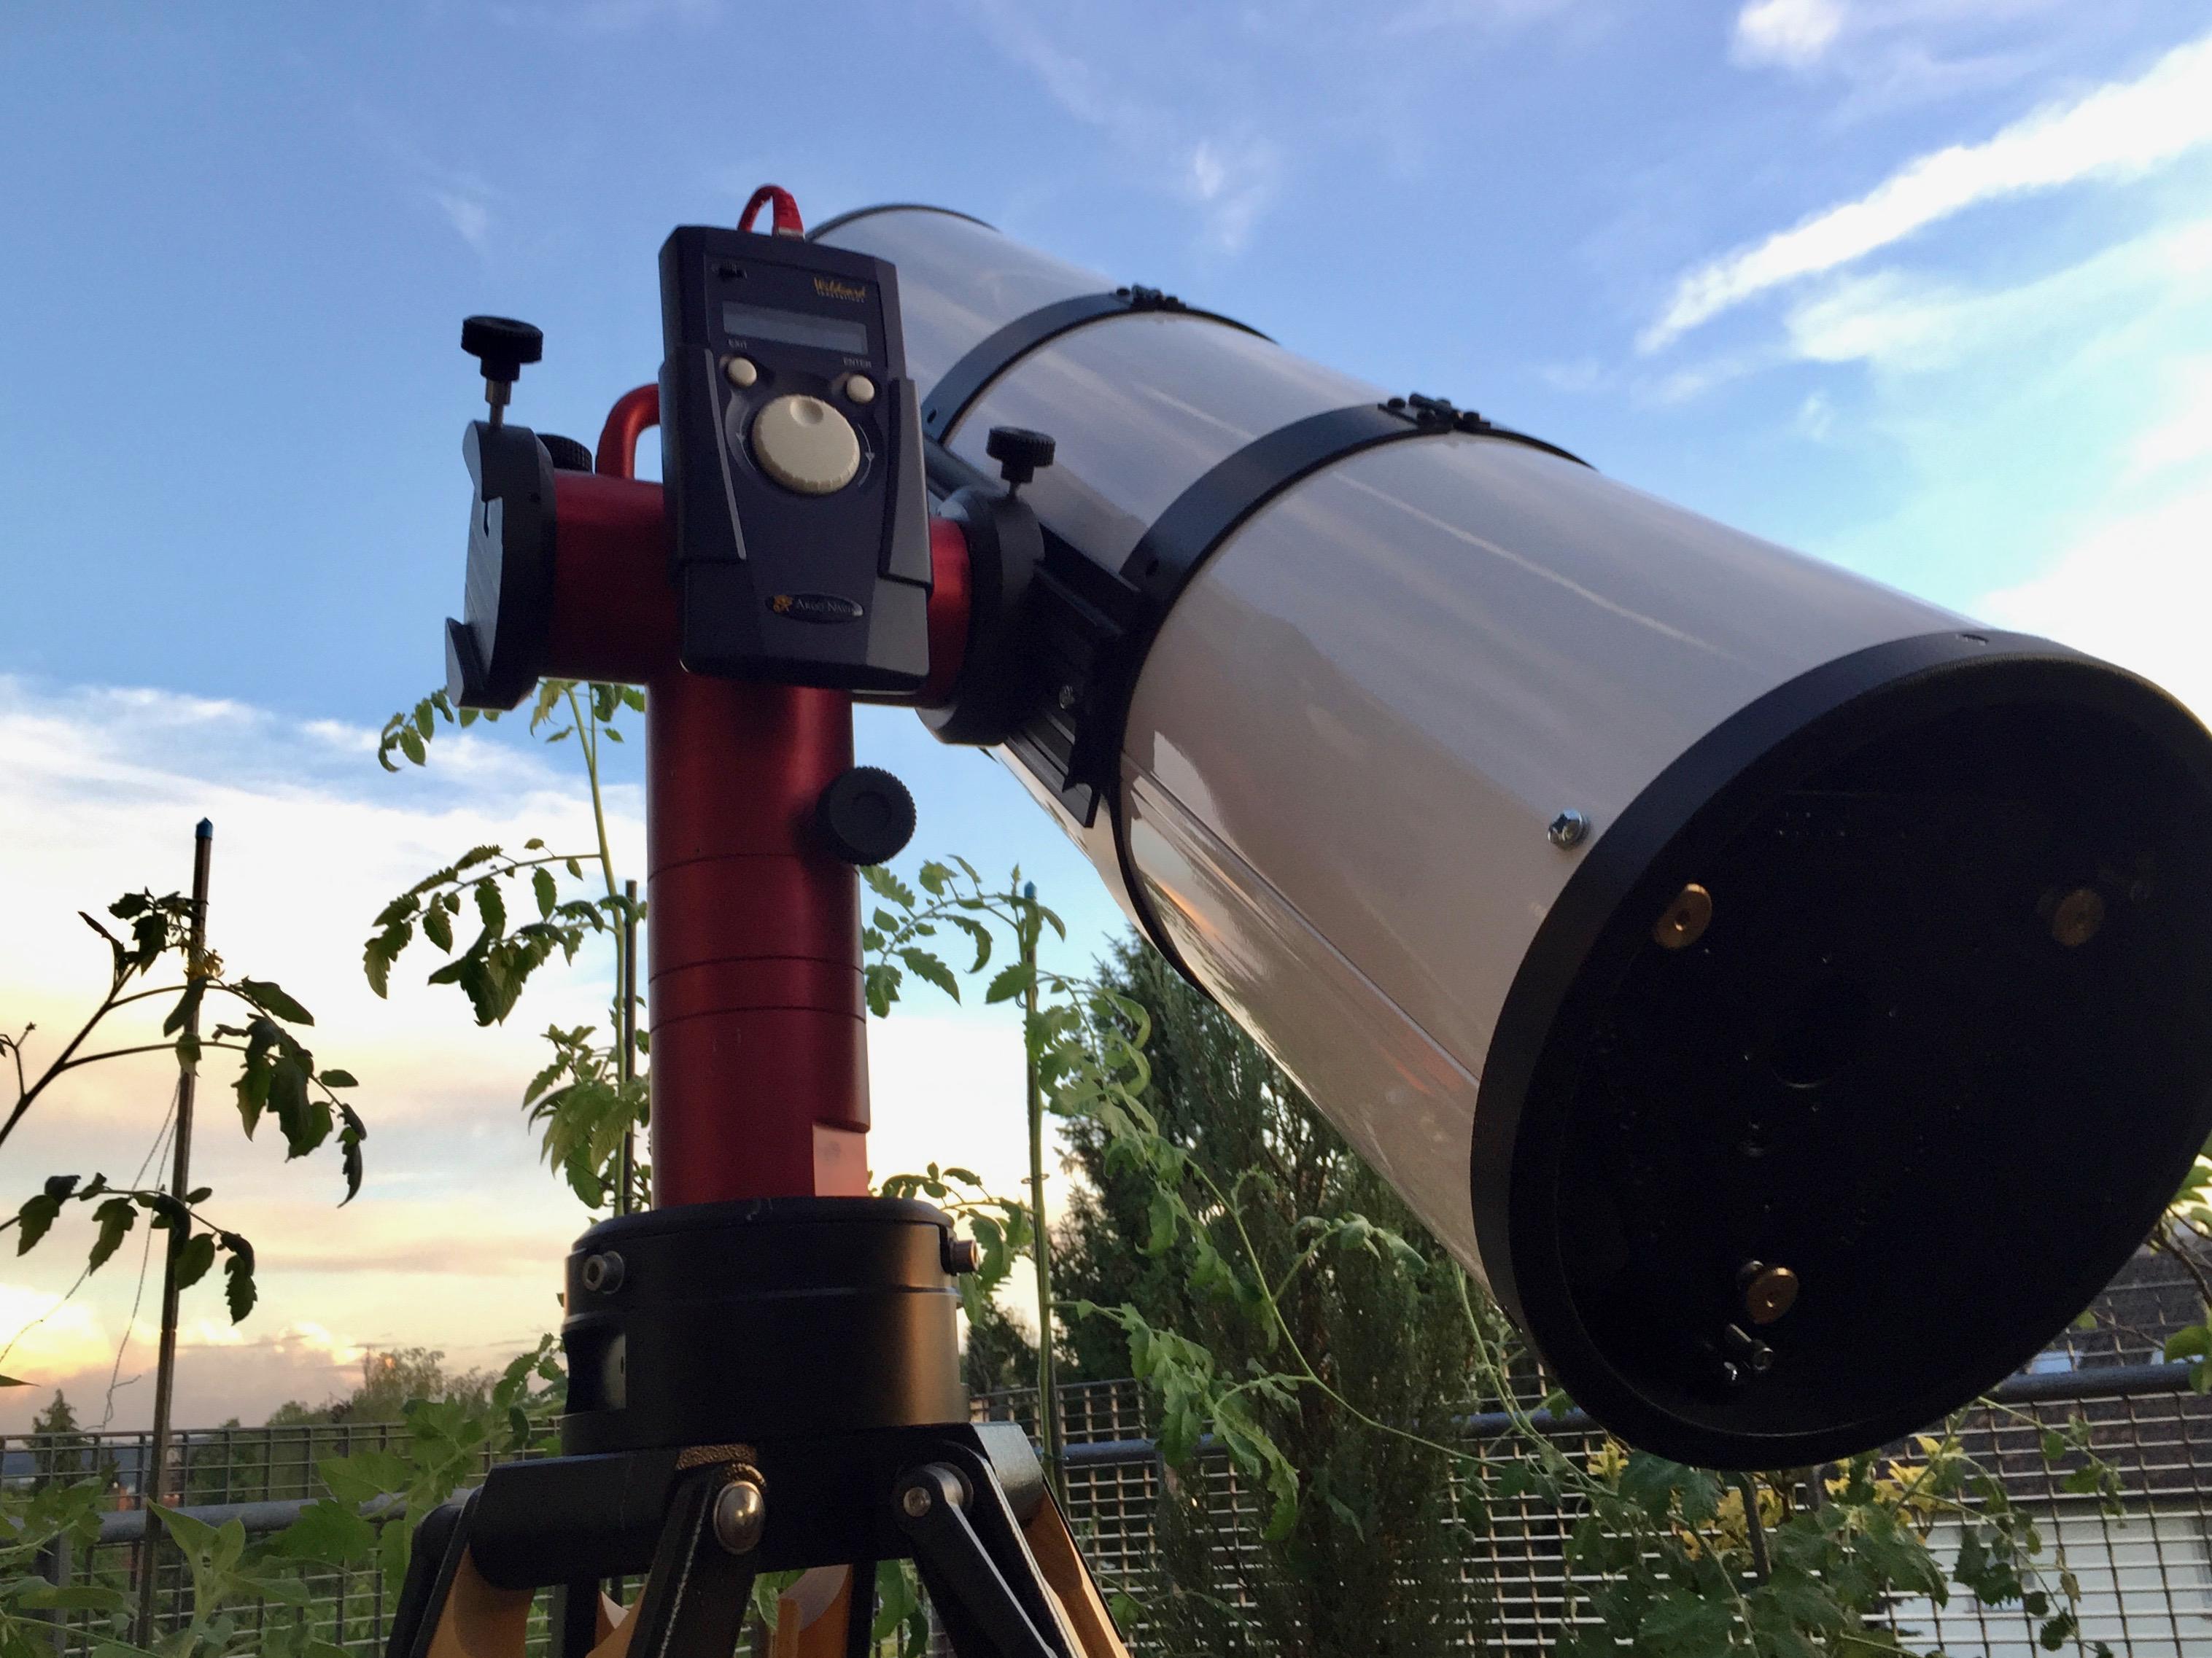 AOKswiss AYOdigi Montierung mit einem TS Photo-Newton 250/1200 auf einem Berlebach Planet Stativ.